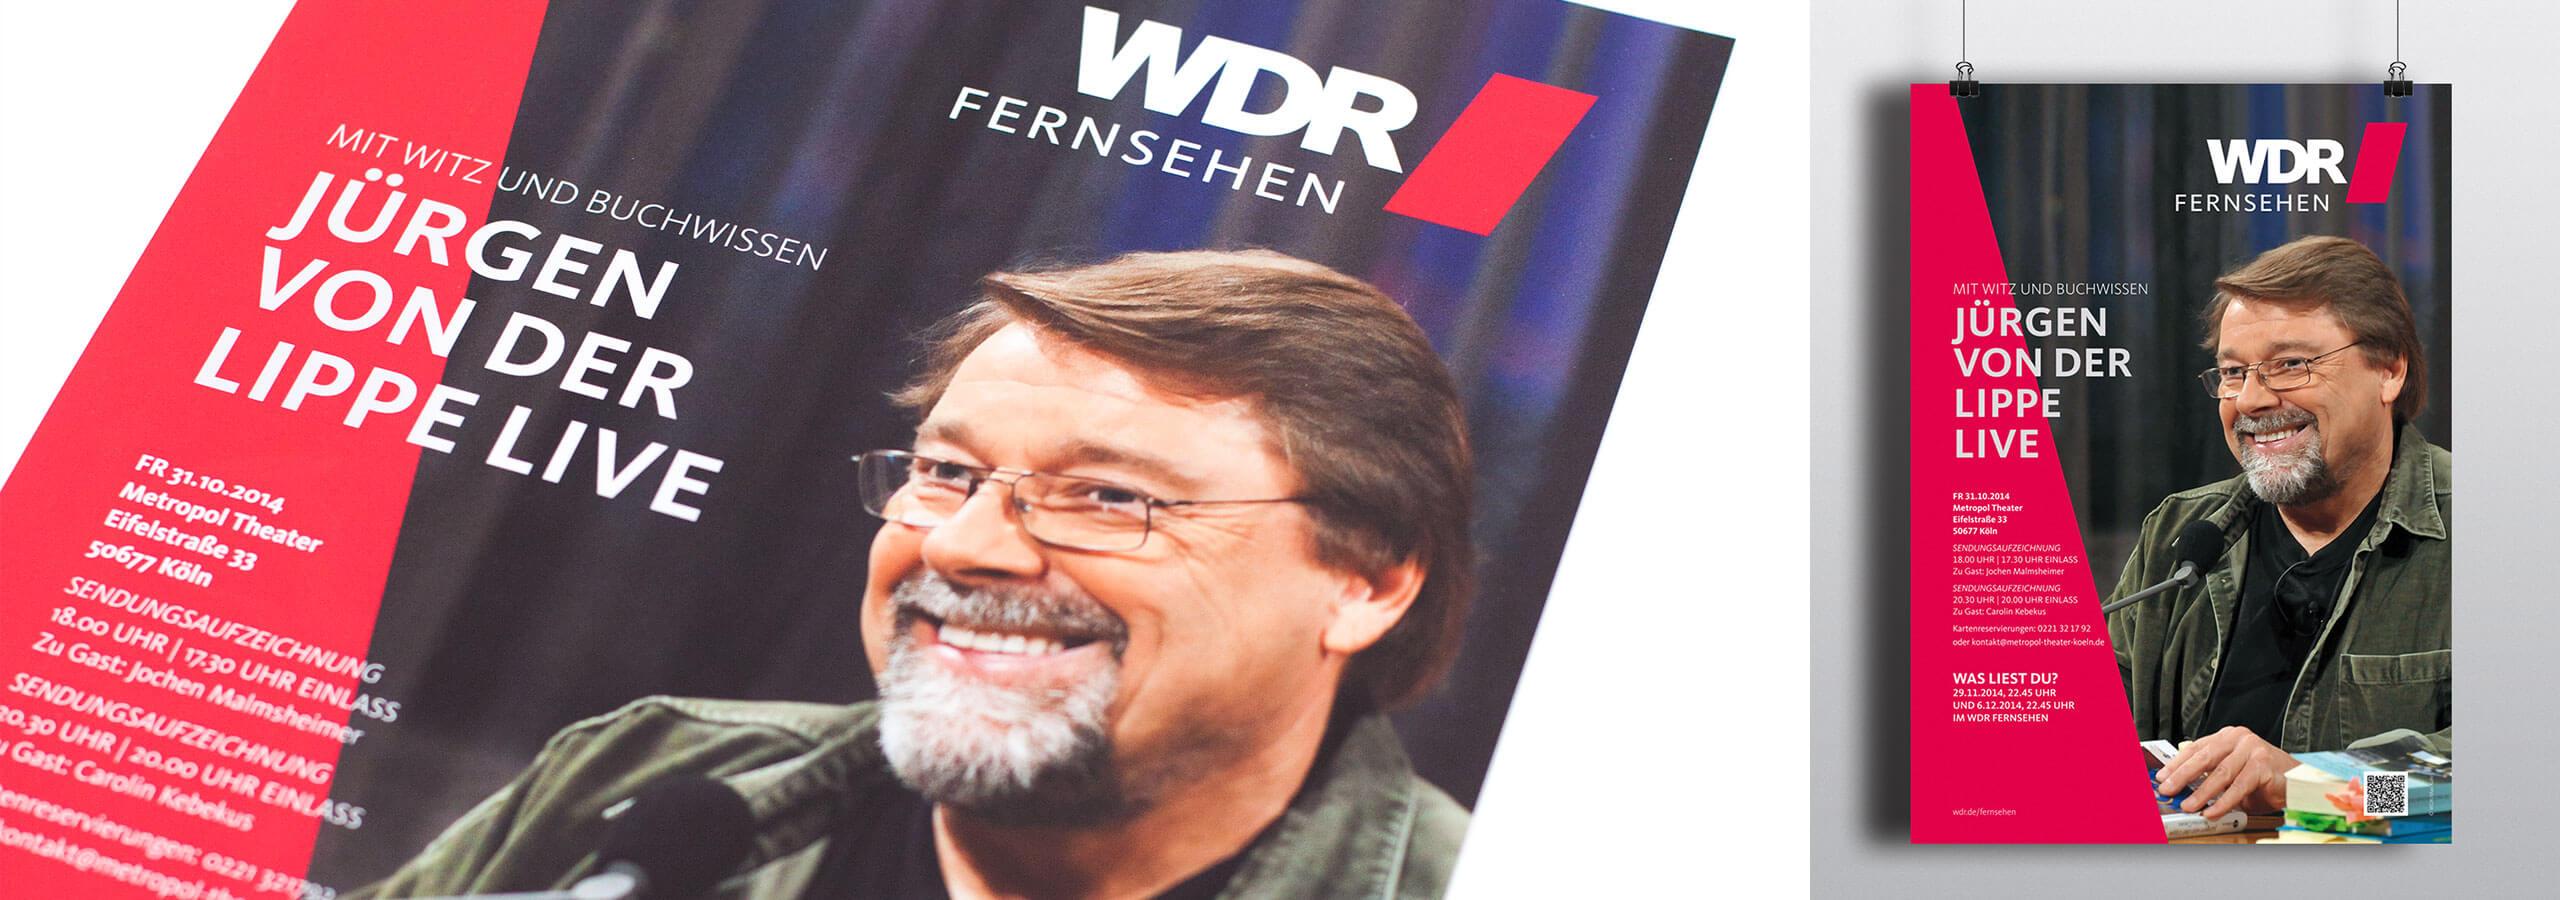 deerns und jungs design, Corporate Design Agentur Köln, Plakatkampagne, Plakatgestaltung, Gestaltung Plakate für WDR Fernsehen